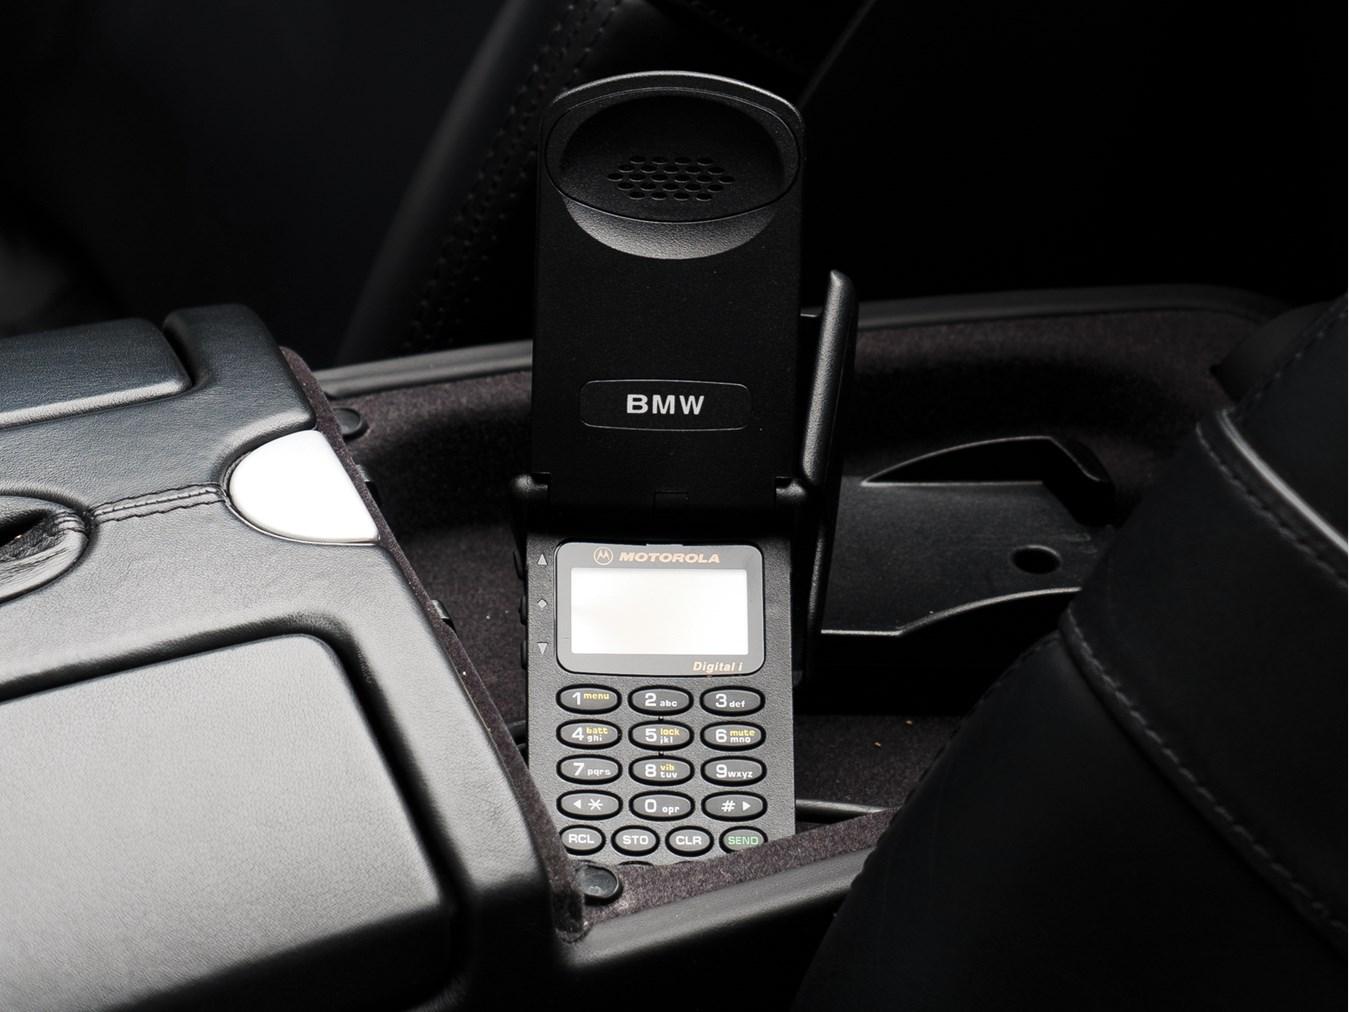 BMW Z8 phone